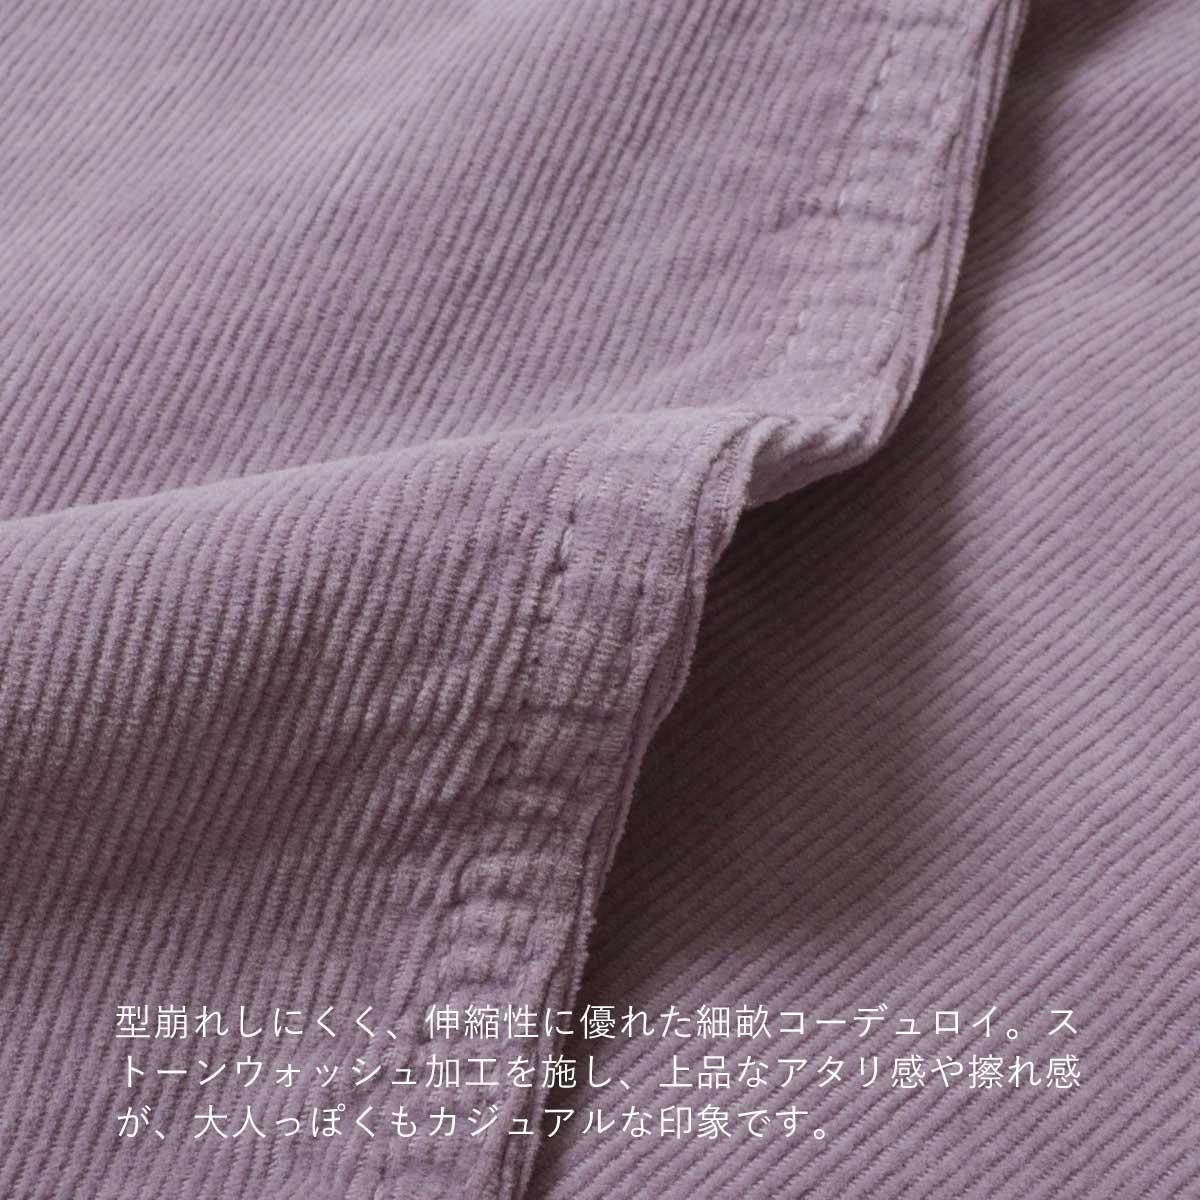 【SALE】AZURITE ■暖■ ハイブリッドストレッチコーデュロイフレアー SC2113